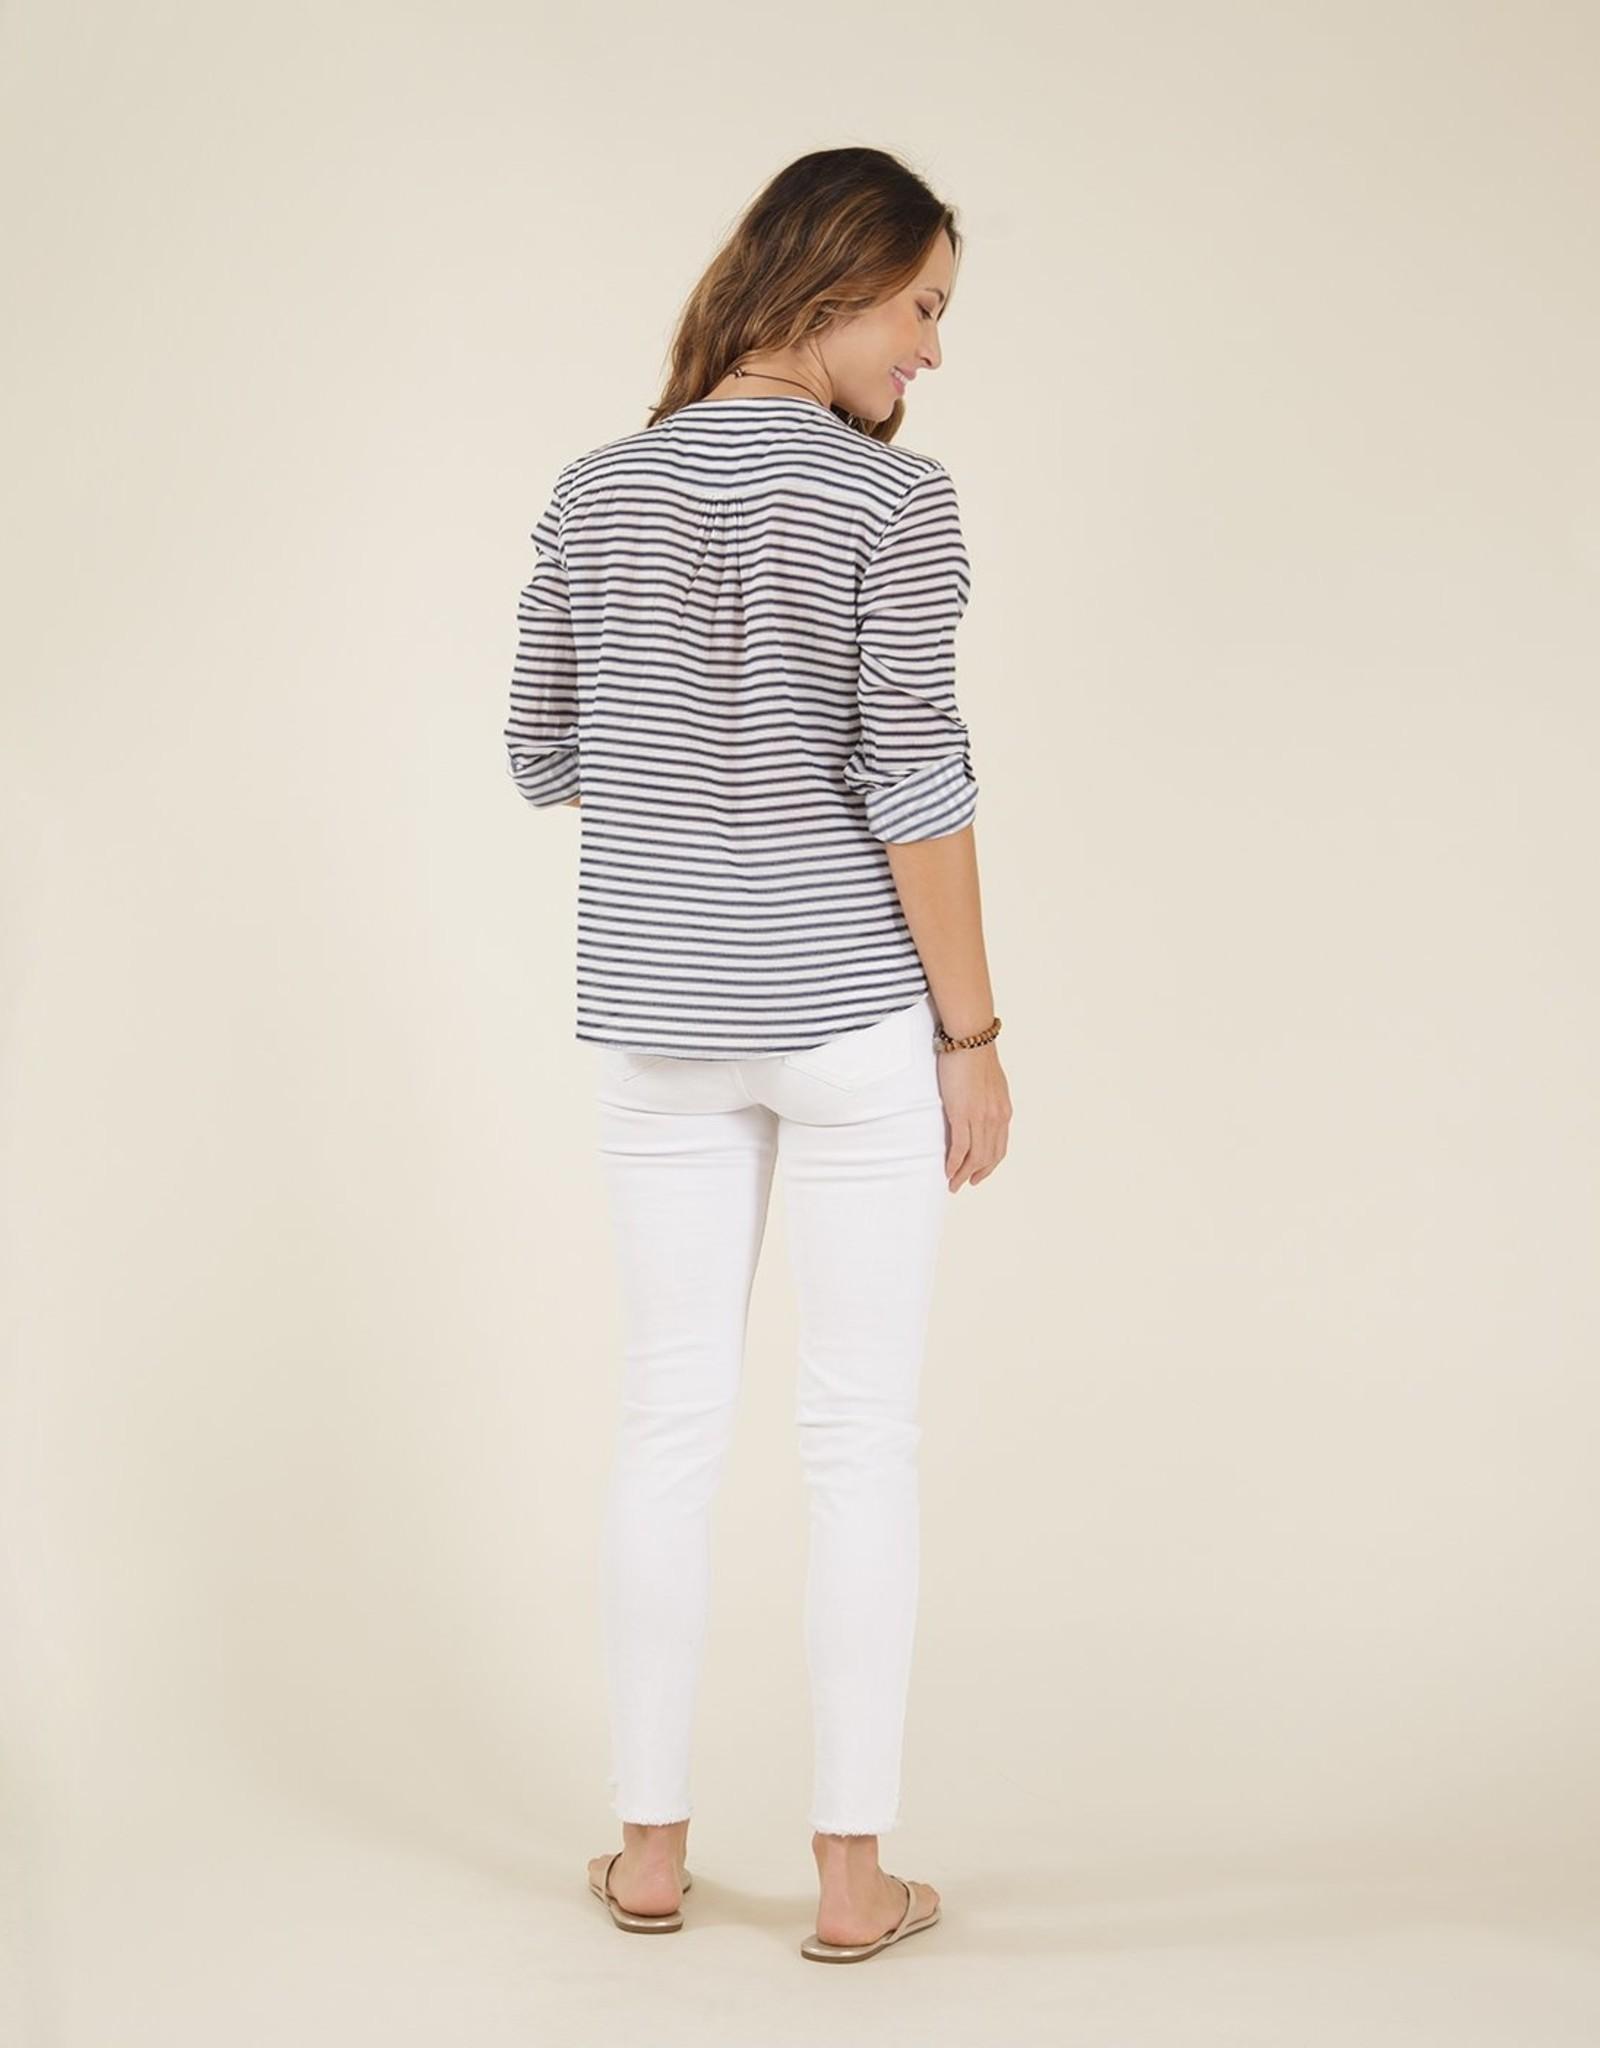 Carve Designs Carve Dylan Gauze Shirt - Dash Stripe